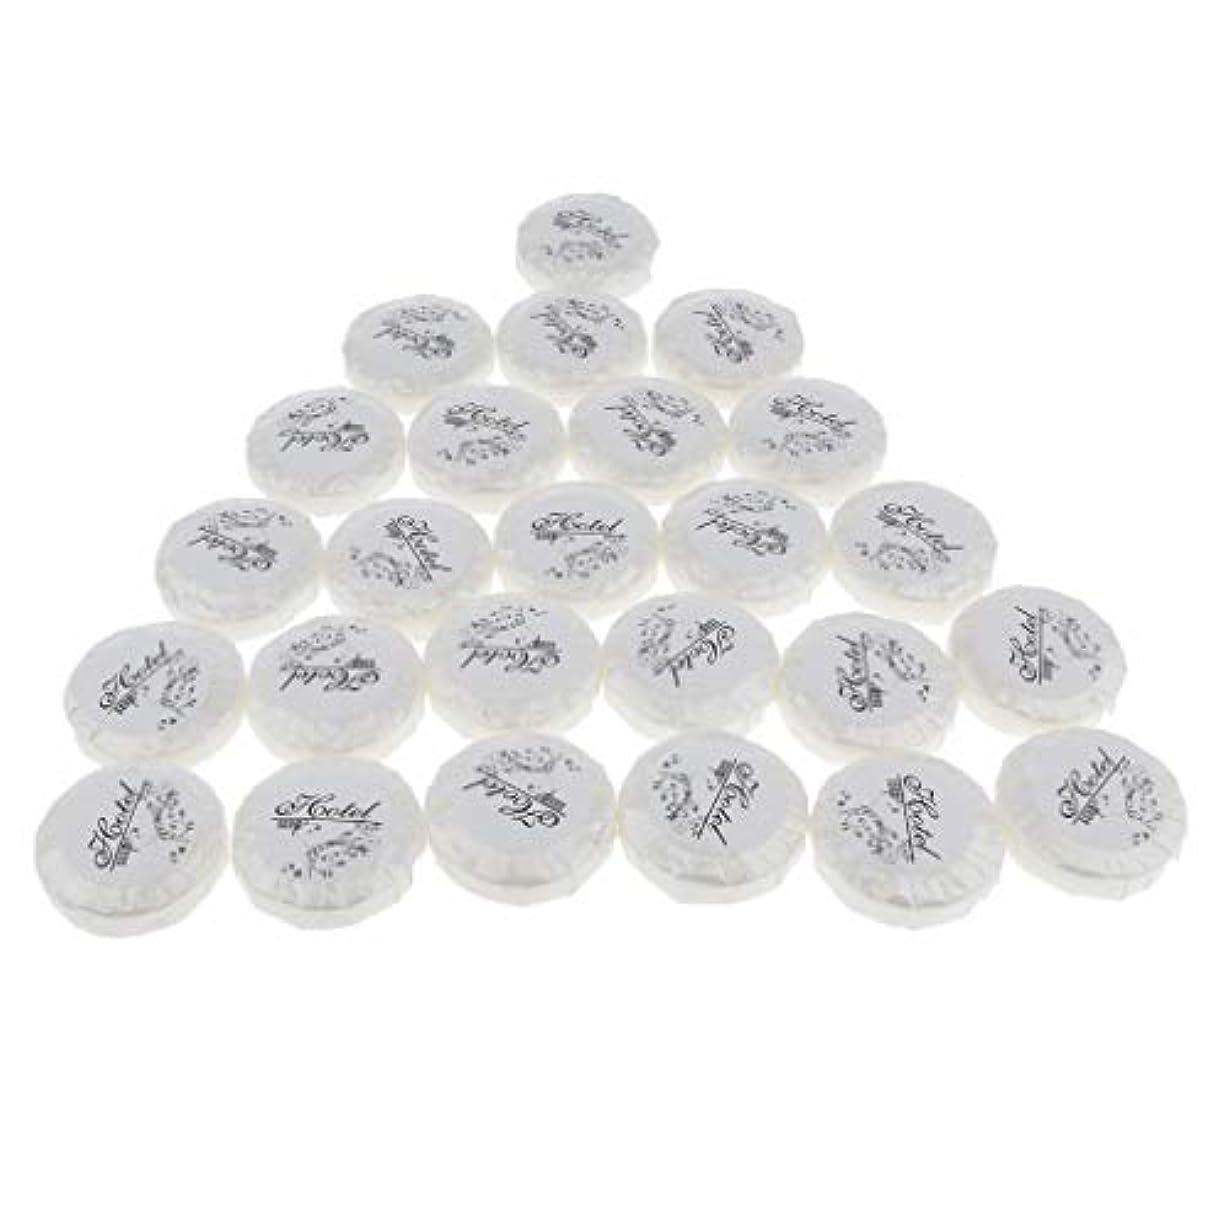 ブレーキブレーキ雰囲気P Prettyia 約150個セット 石鹸 洗顔石鹸 固形せっけん 無添加 植物油 ミニサイズ 携帯用 全3種類選ぶ - 13g